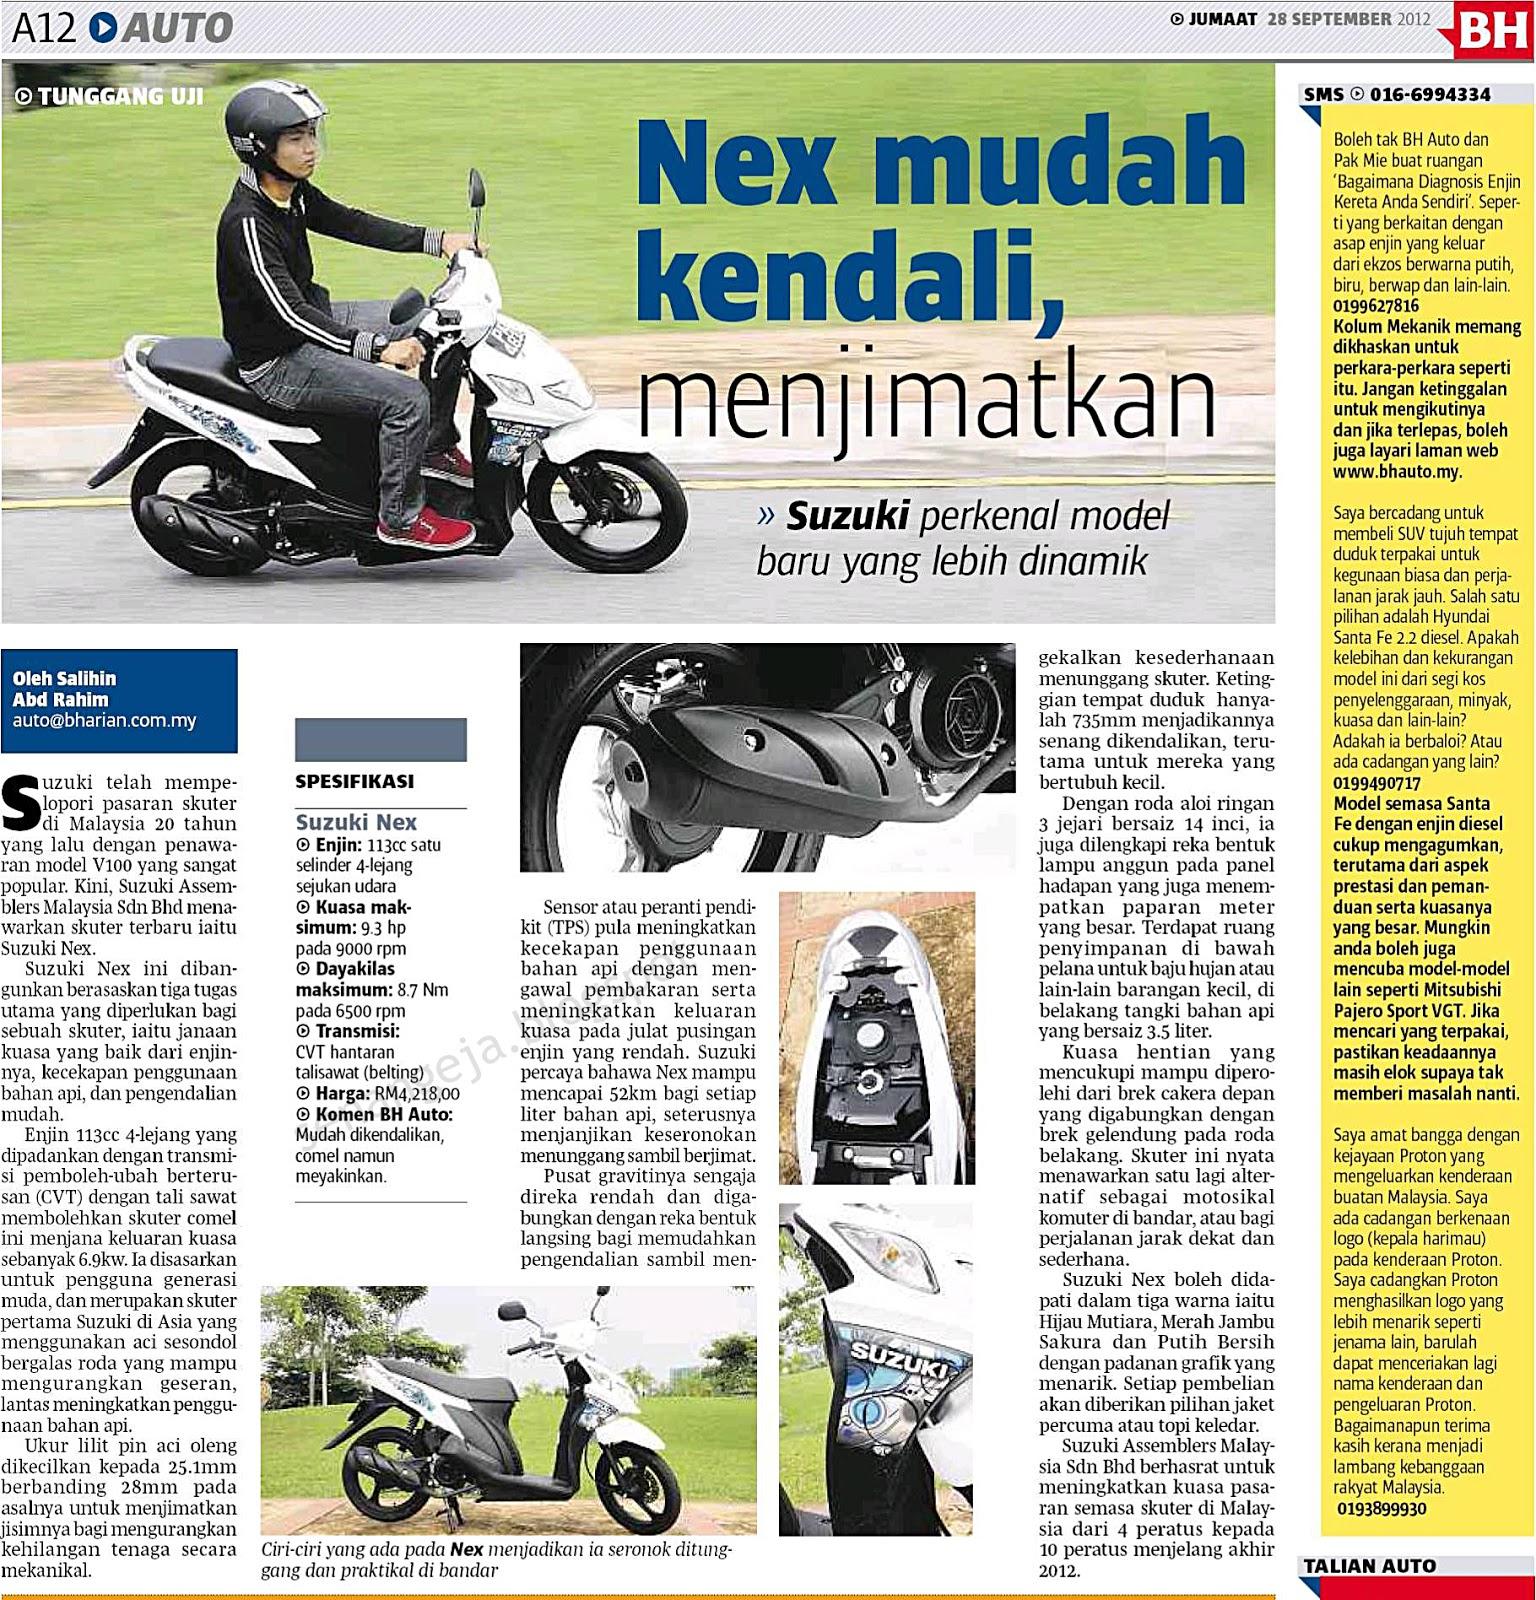 Jom belajar mekanik sekejap linkwithin antara motorsikal yang se minat adalah suzuki tetapi belum pernah mempunyai kategori skuter